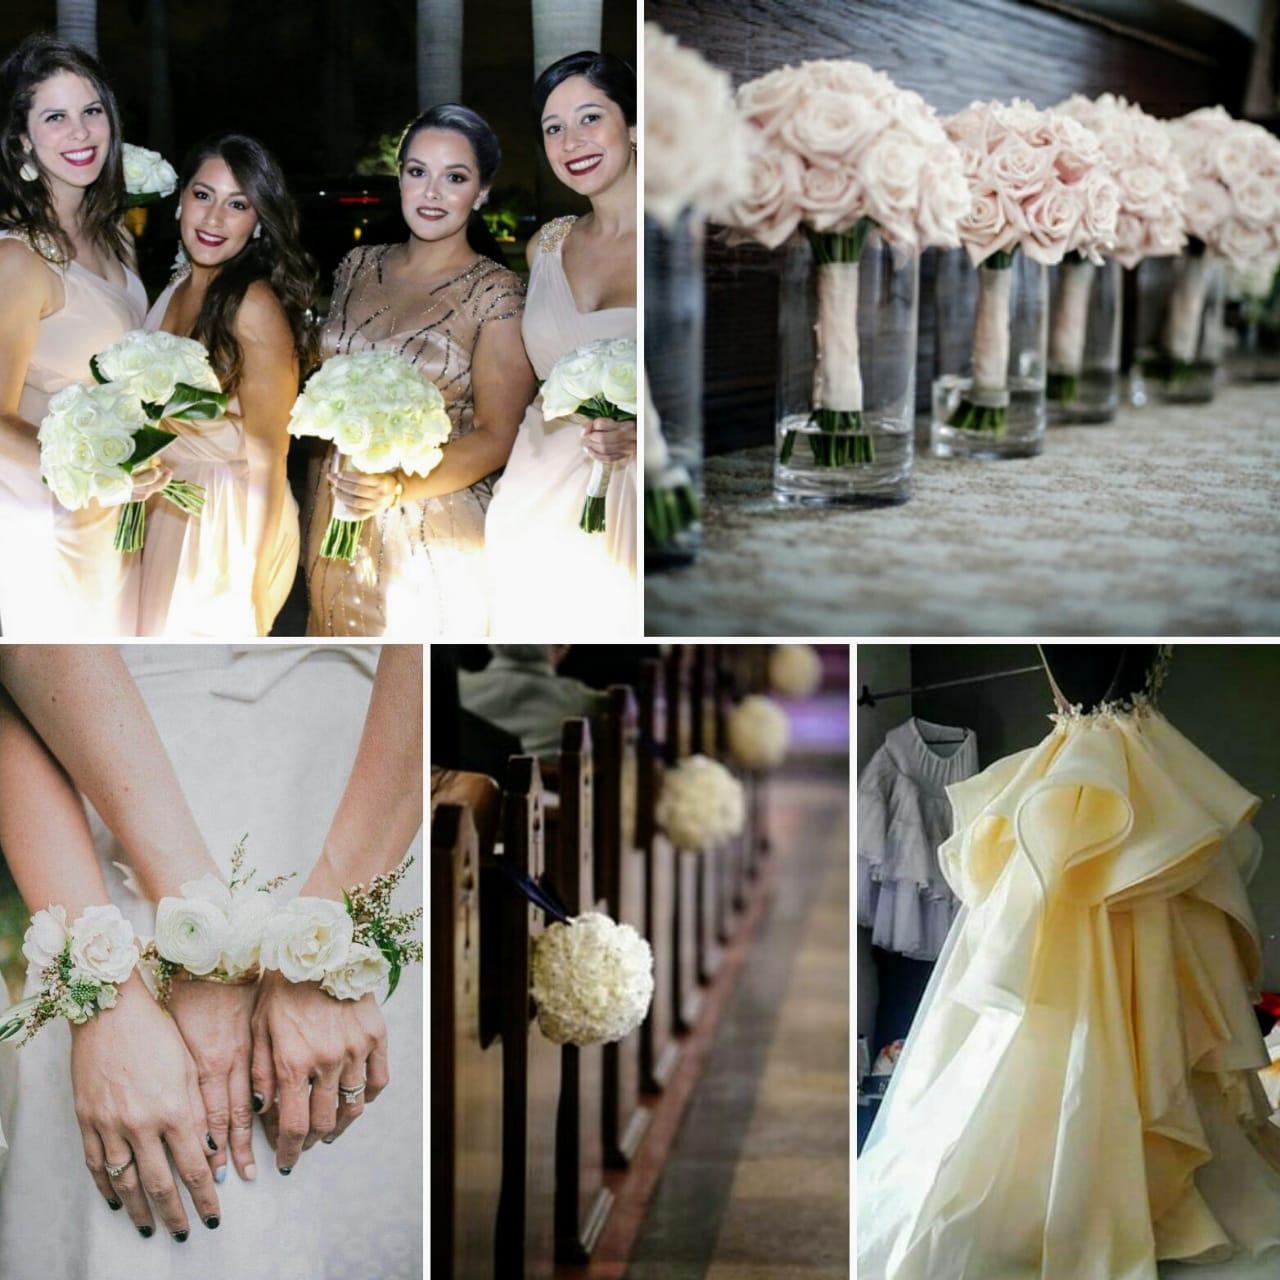 flores-bodas-jpflowers-mexico (3)